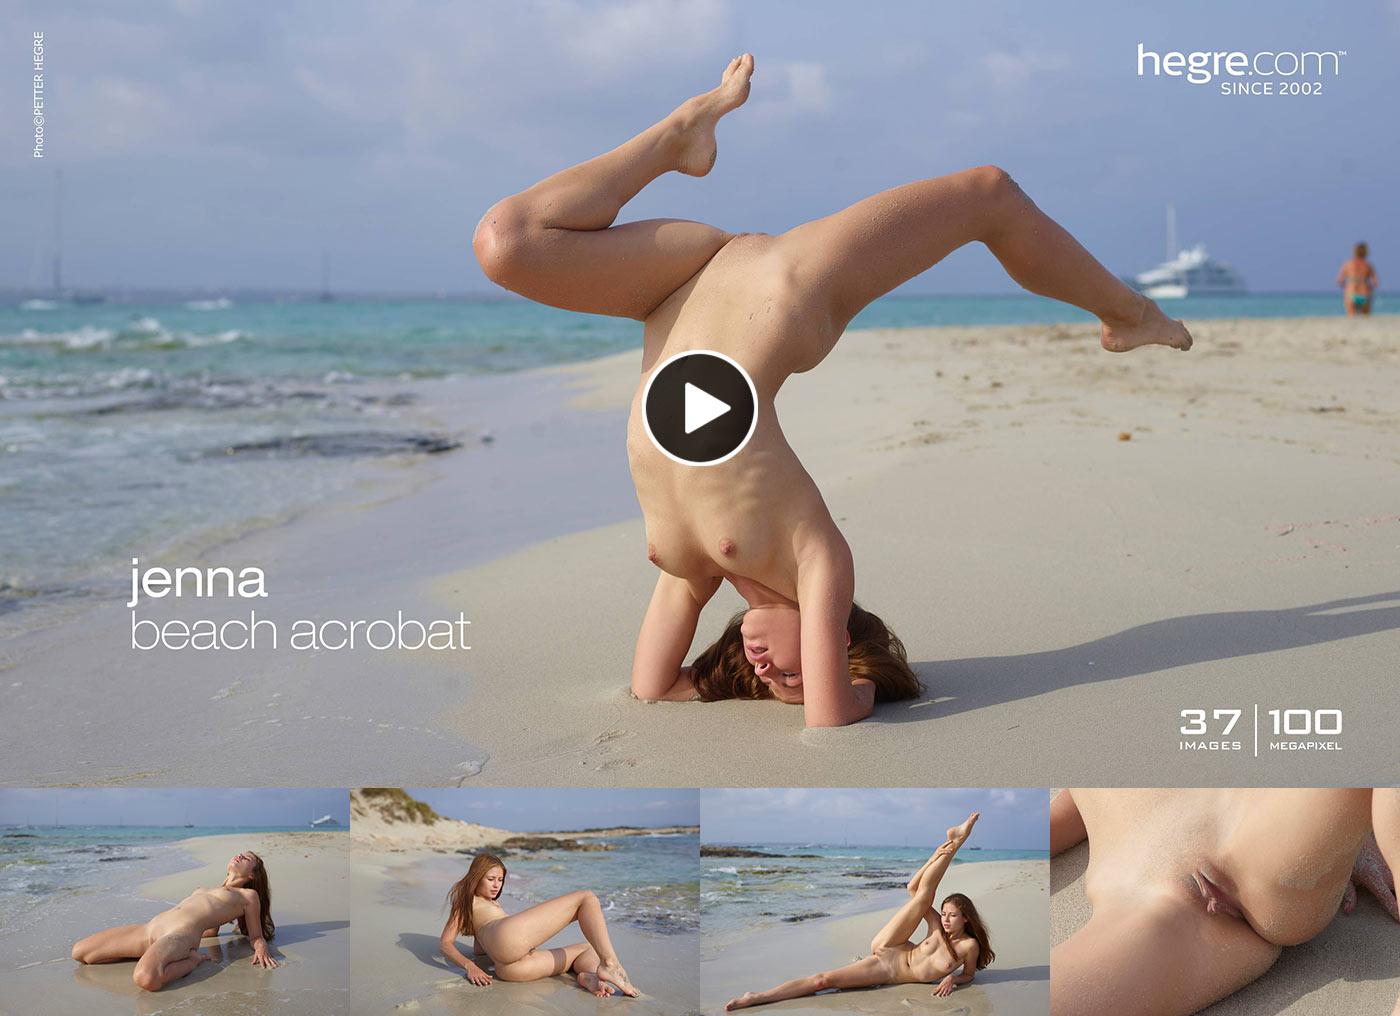 Jenna Hegre Beach Acrobat